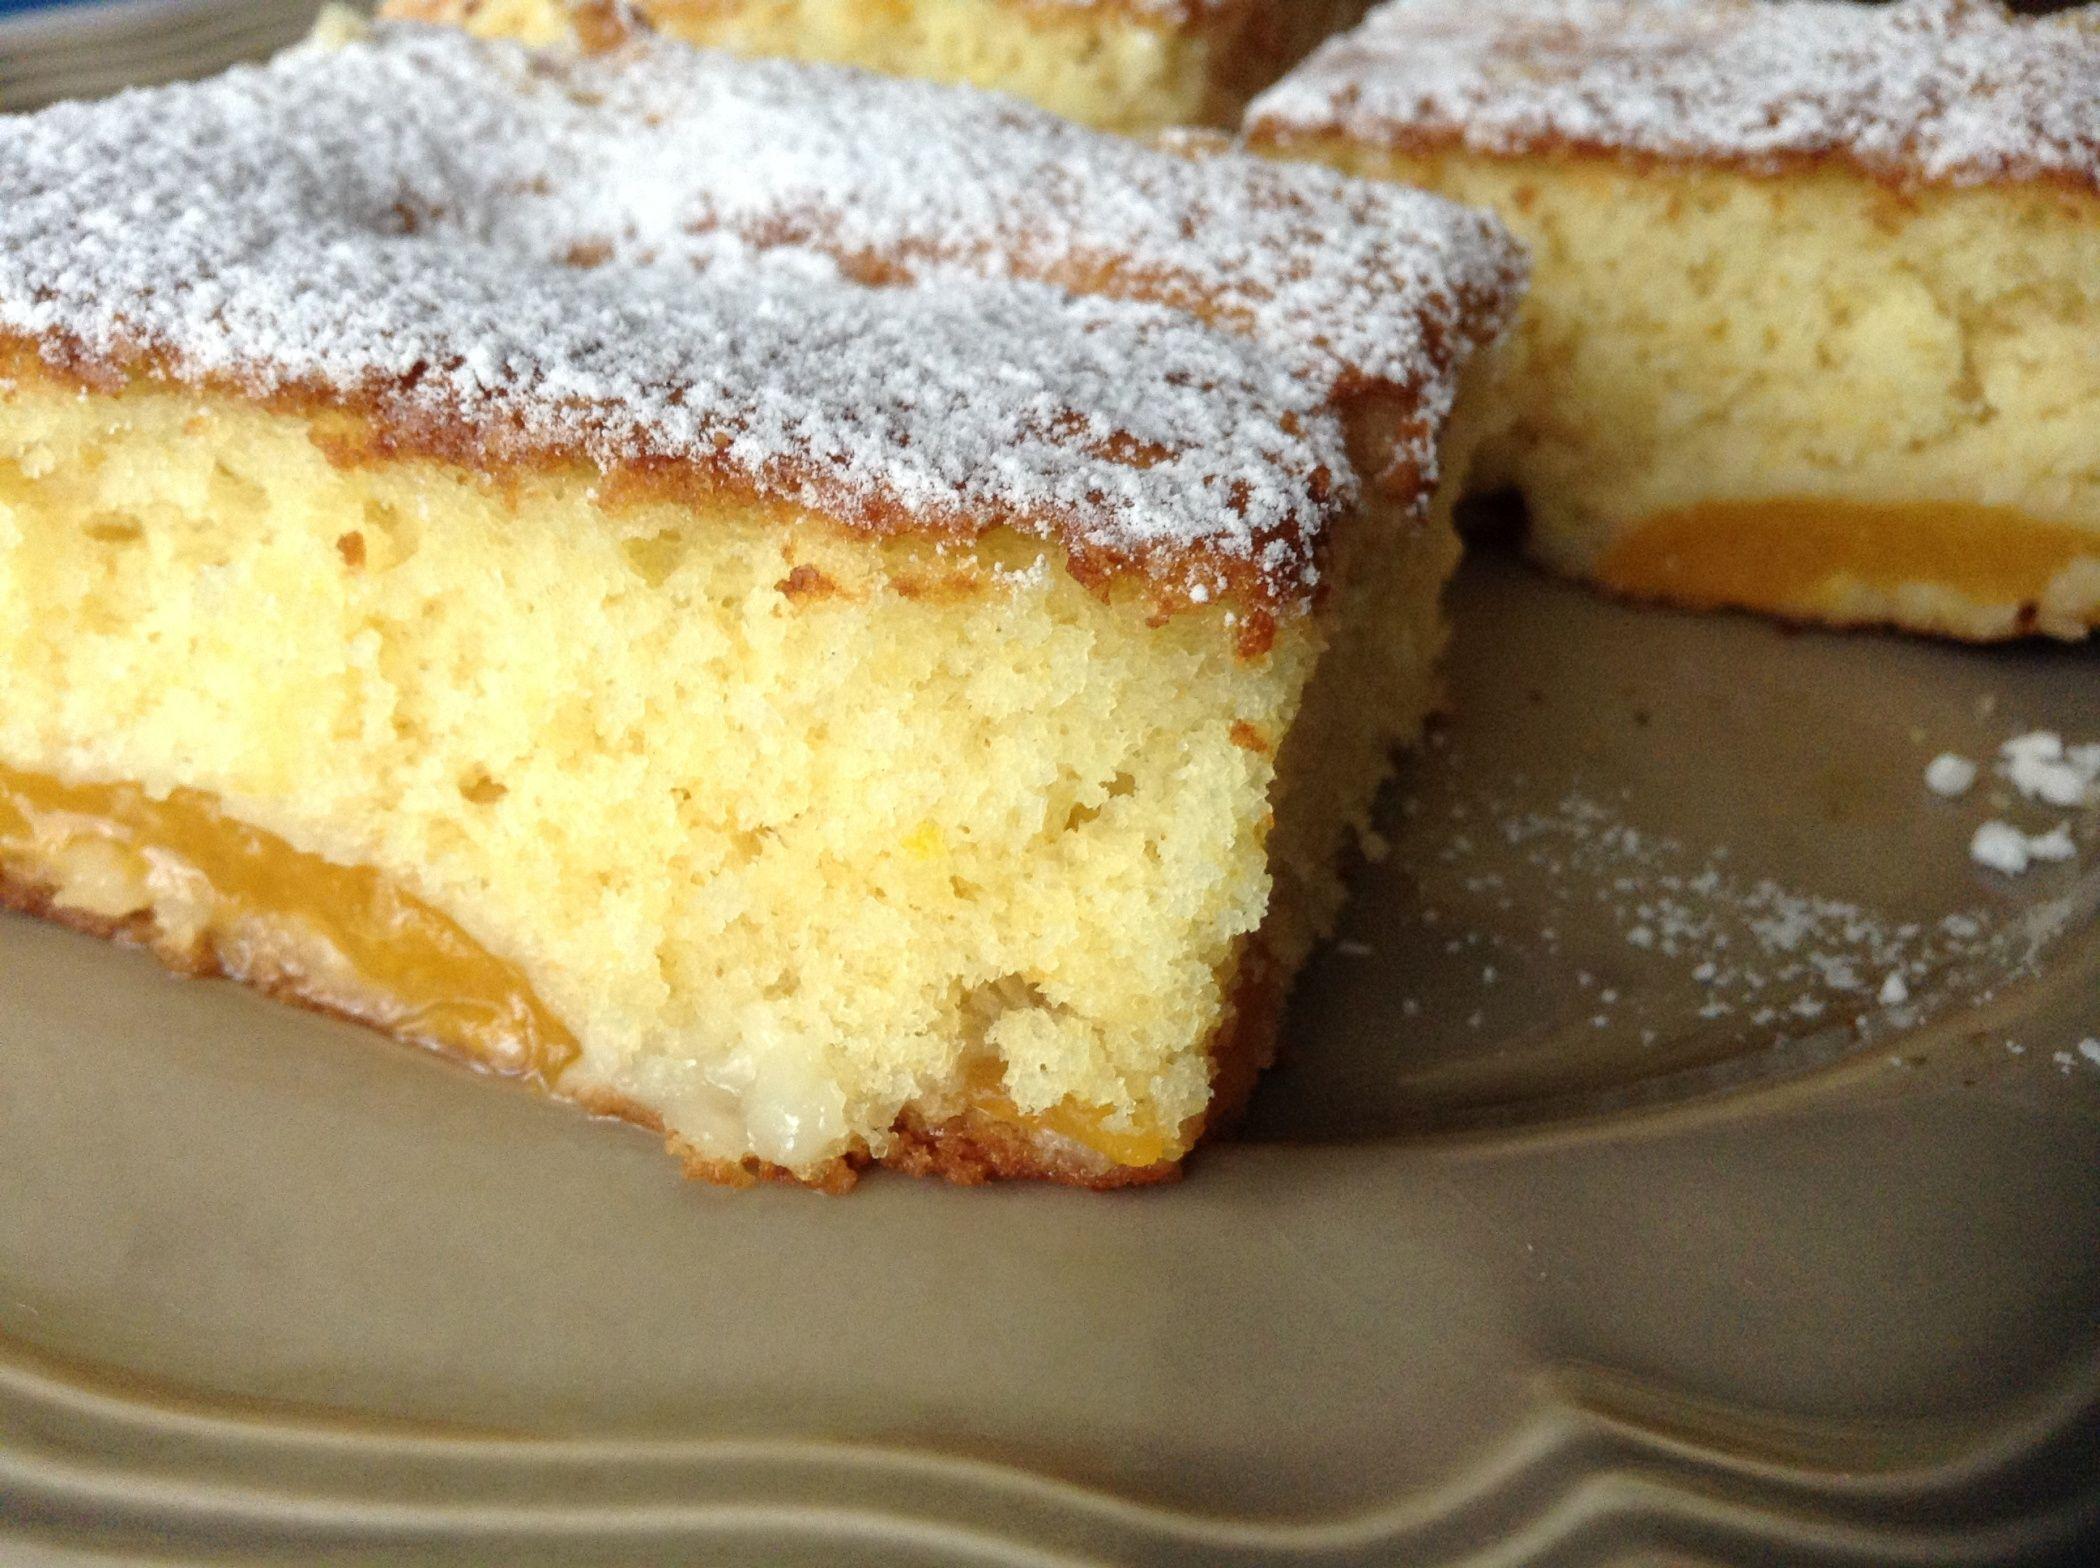 Ingrédients: 200 gr de farine 200 gr de sucre en poudre 2 oeufs 5 cl d'huile ou beurre 1/2 paquet de levure chimique Le zeste d'un citron 1 boîte d'abricots au sirop Préparation: Mélanger l'huile et le sucre.Ajouter les zestes et les oeufs, bien mélanger....